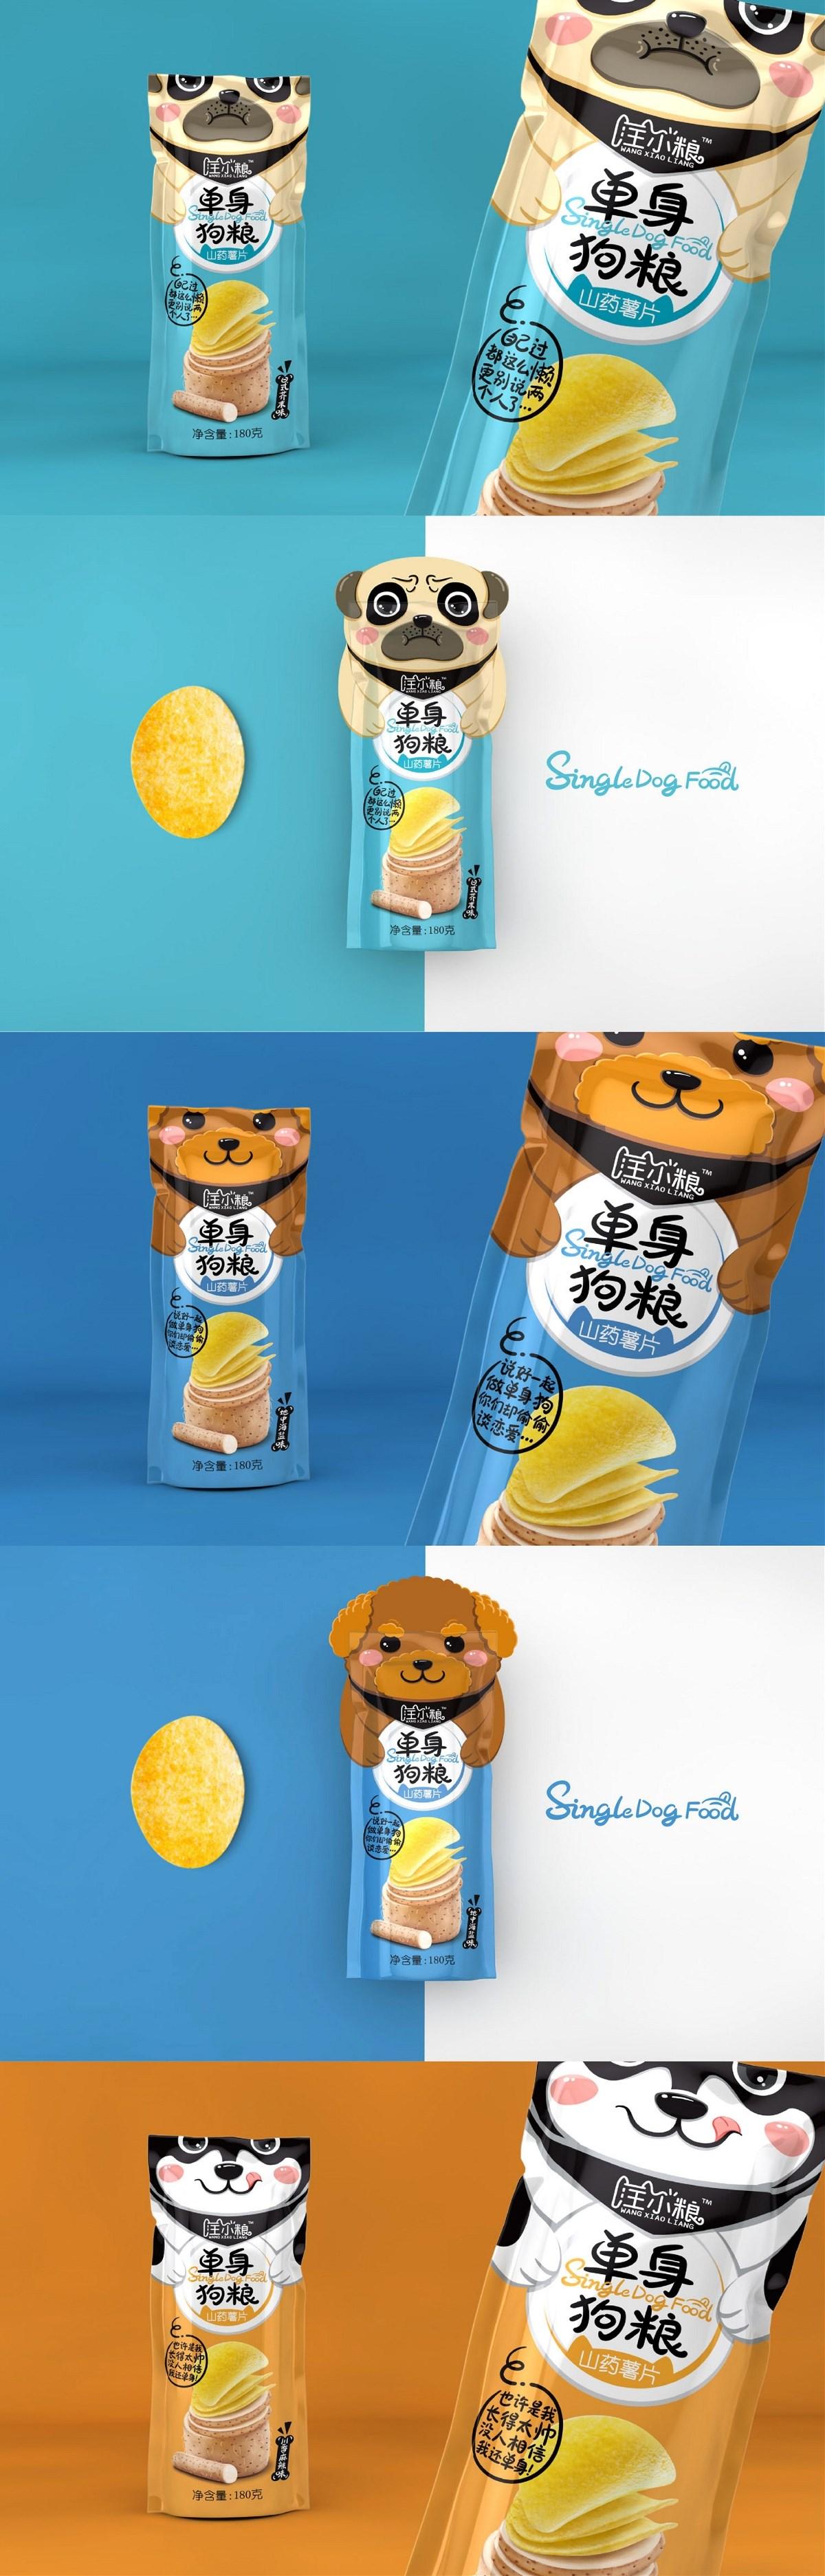 汪小粮品牌 · 山药薯片系列包装|单身狗粮